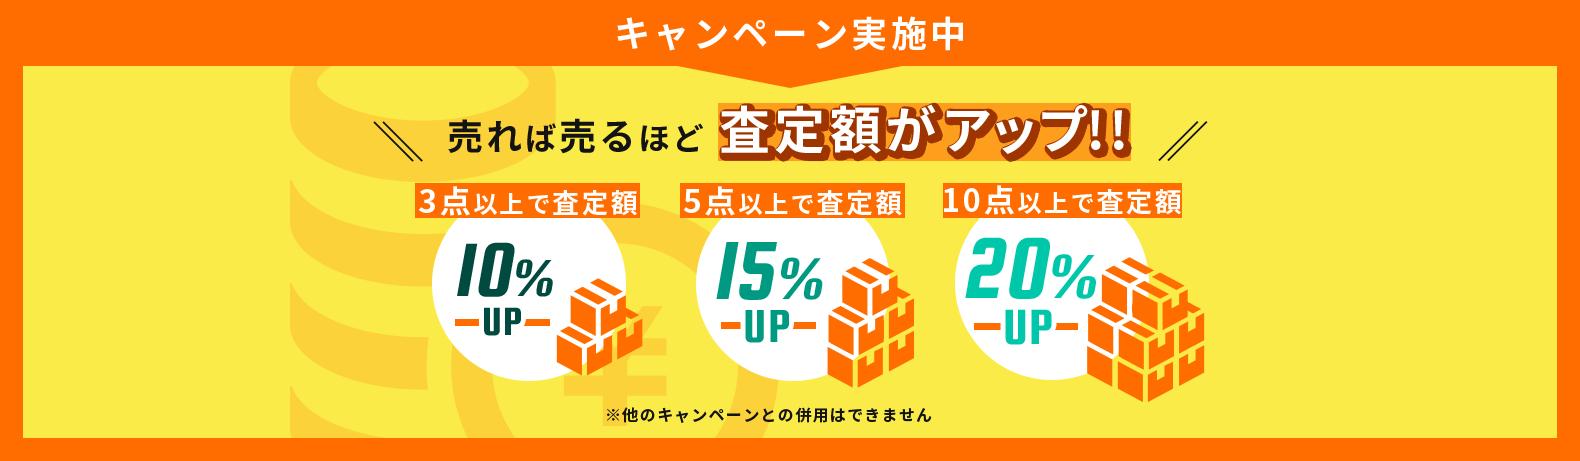 キャンペーン実施中 売れば売るほど査定額がアップ!!